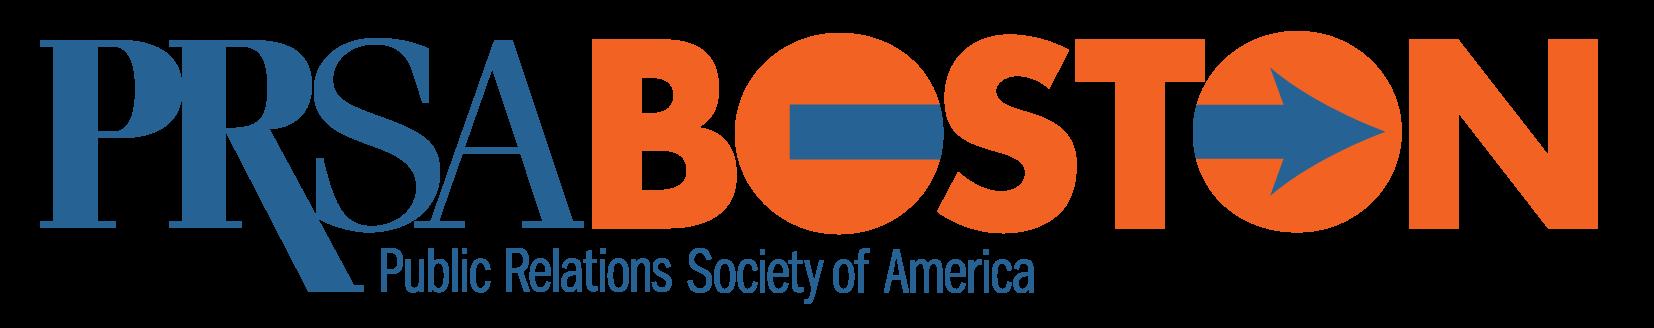 October PRSA Boston Board Conference Call